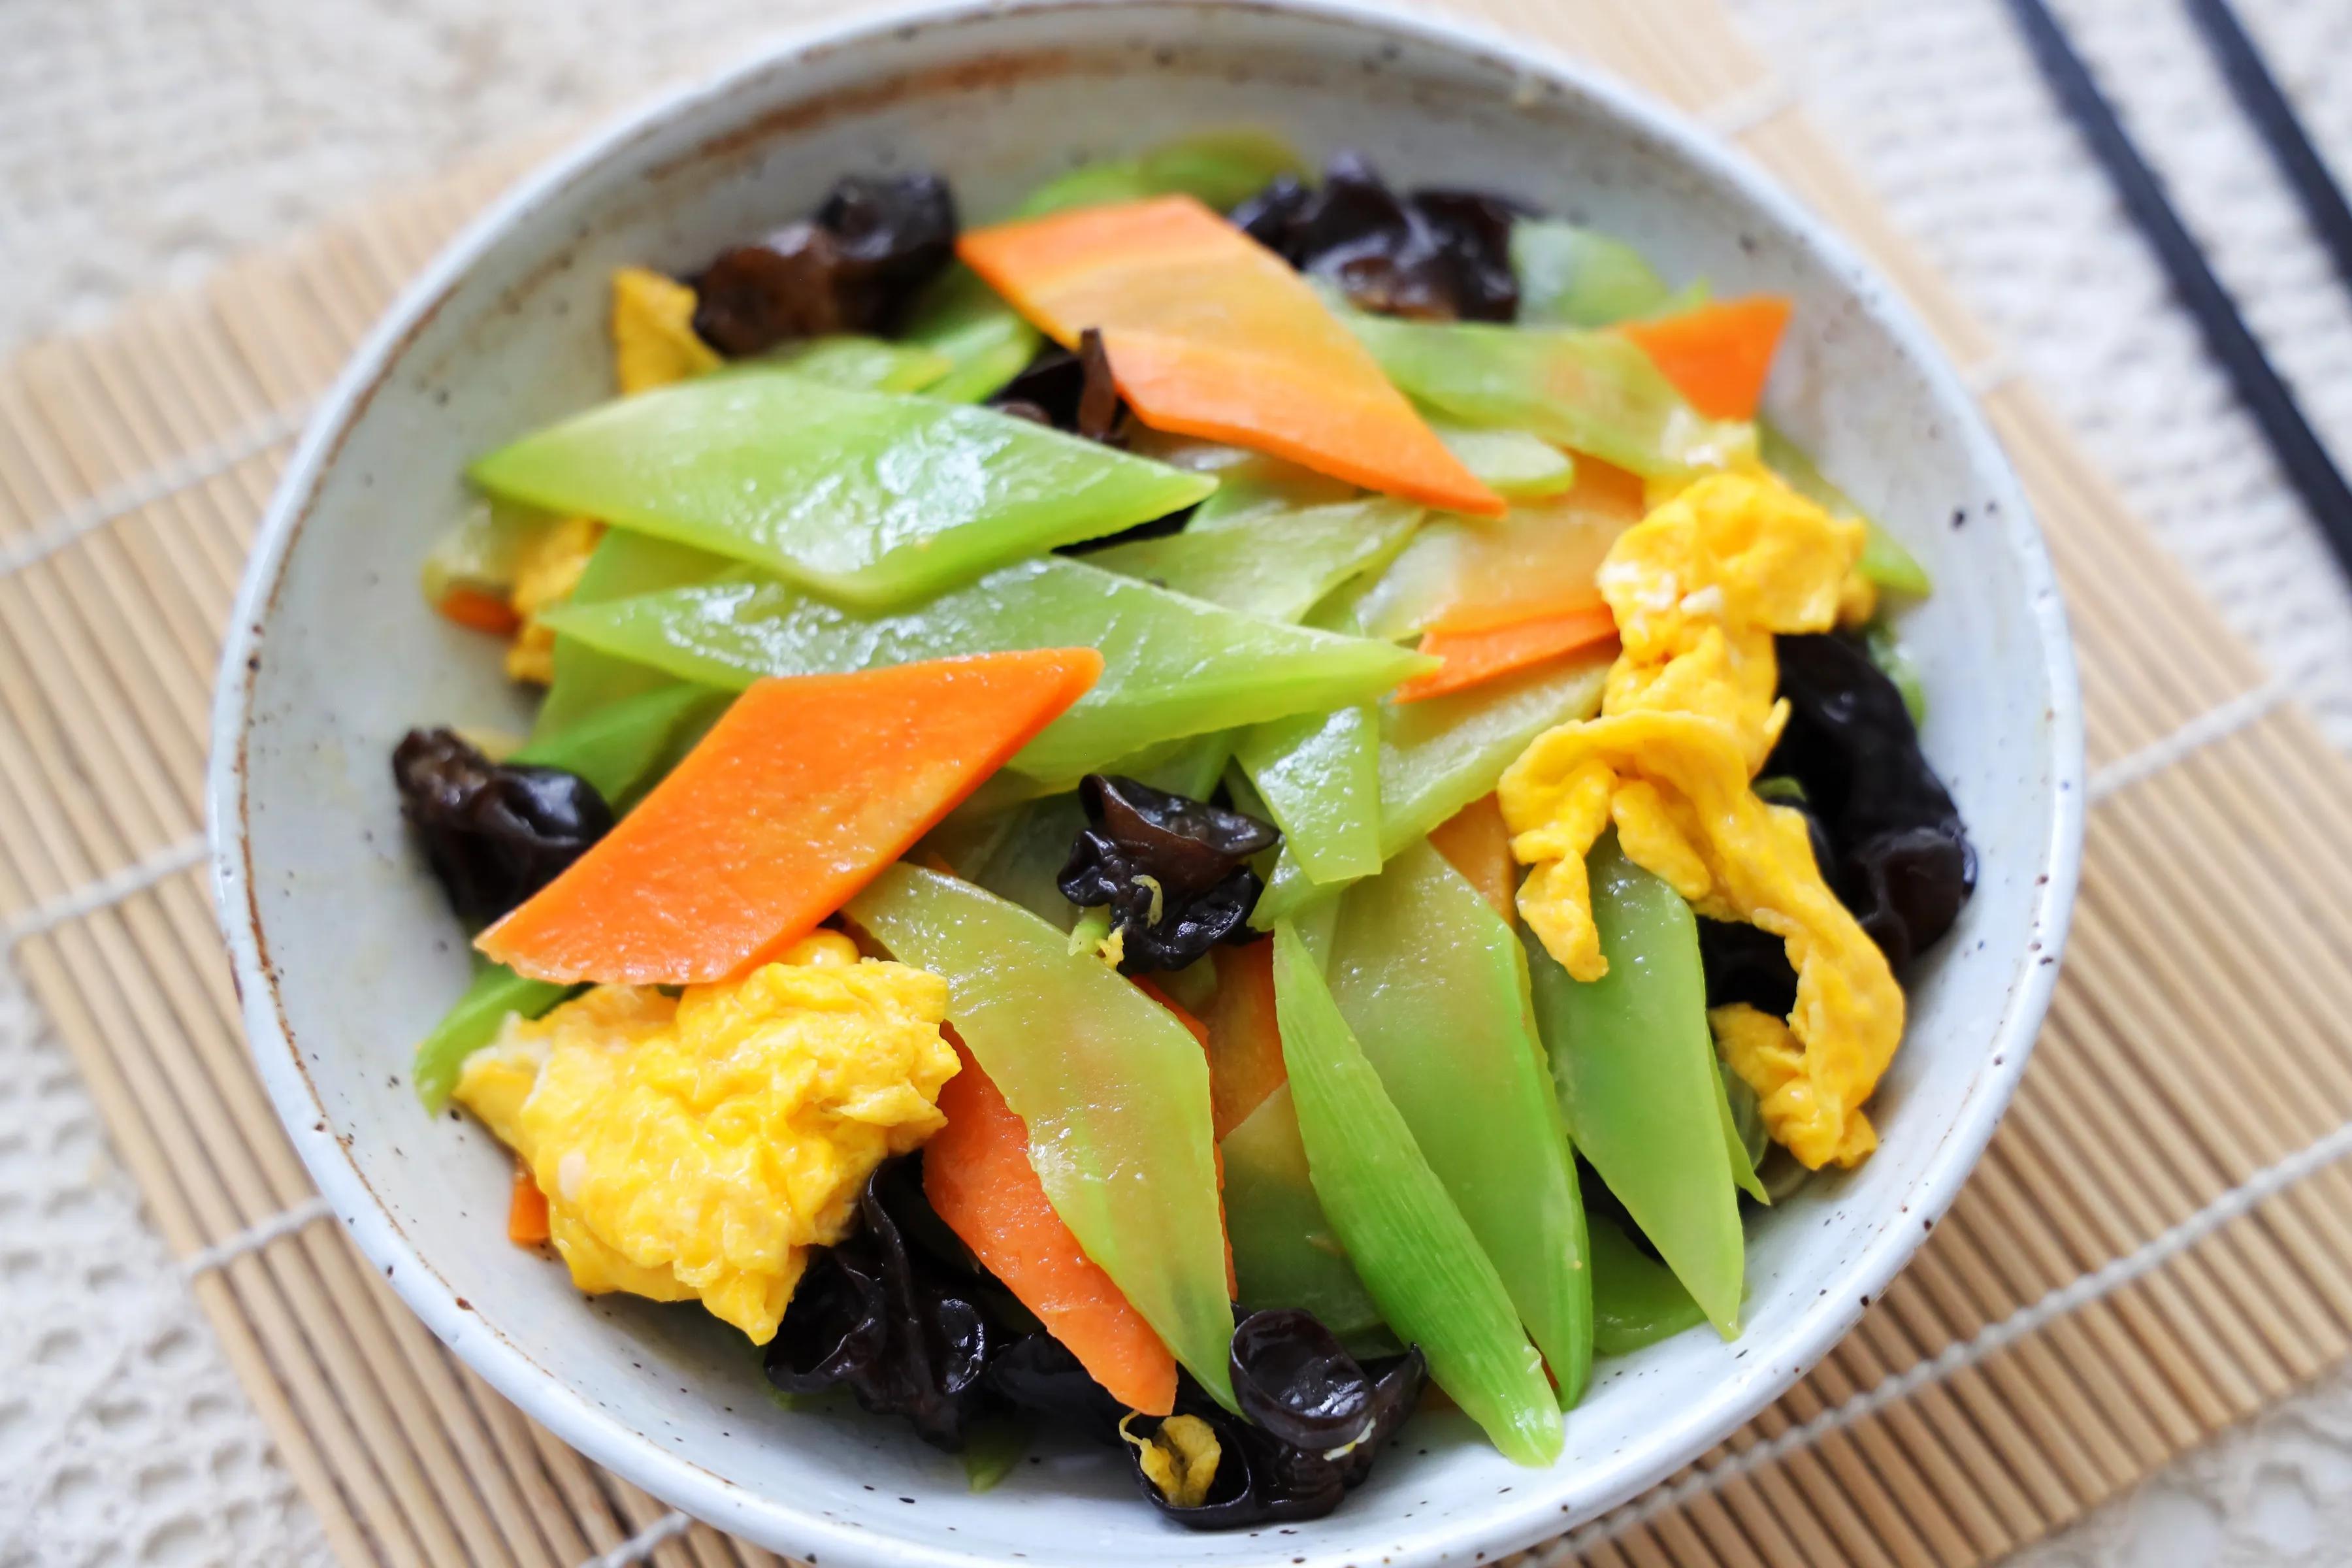 白露节气,多吃这道素菜,比大鱼大肉好,营养丰富少油少盐更健康